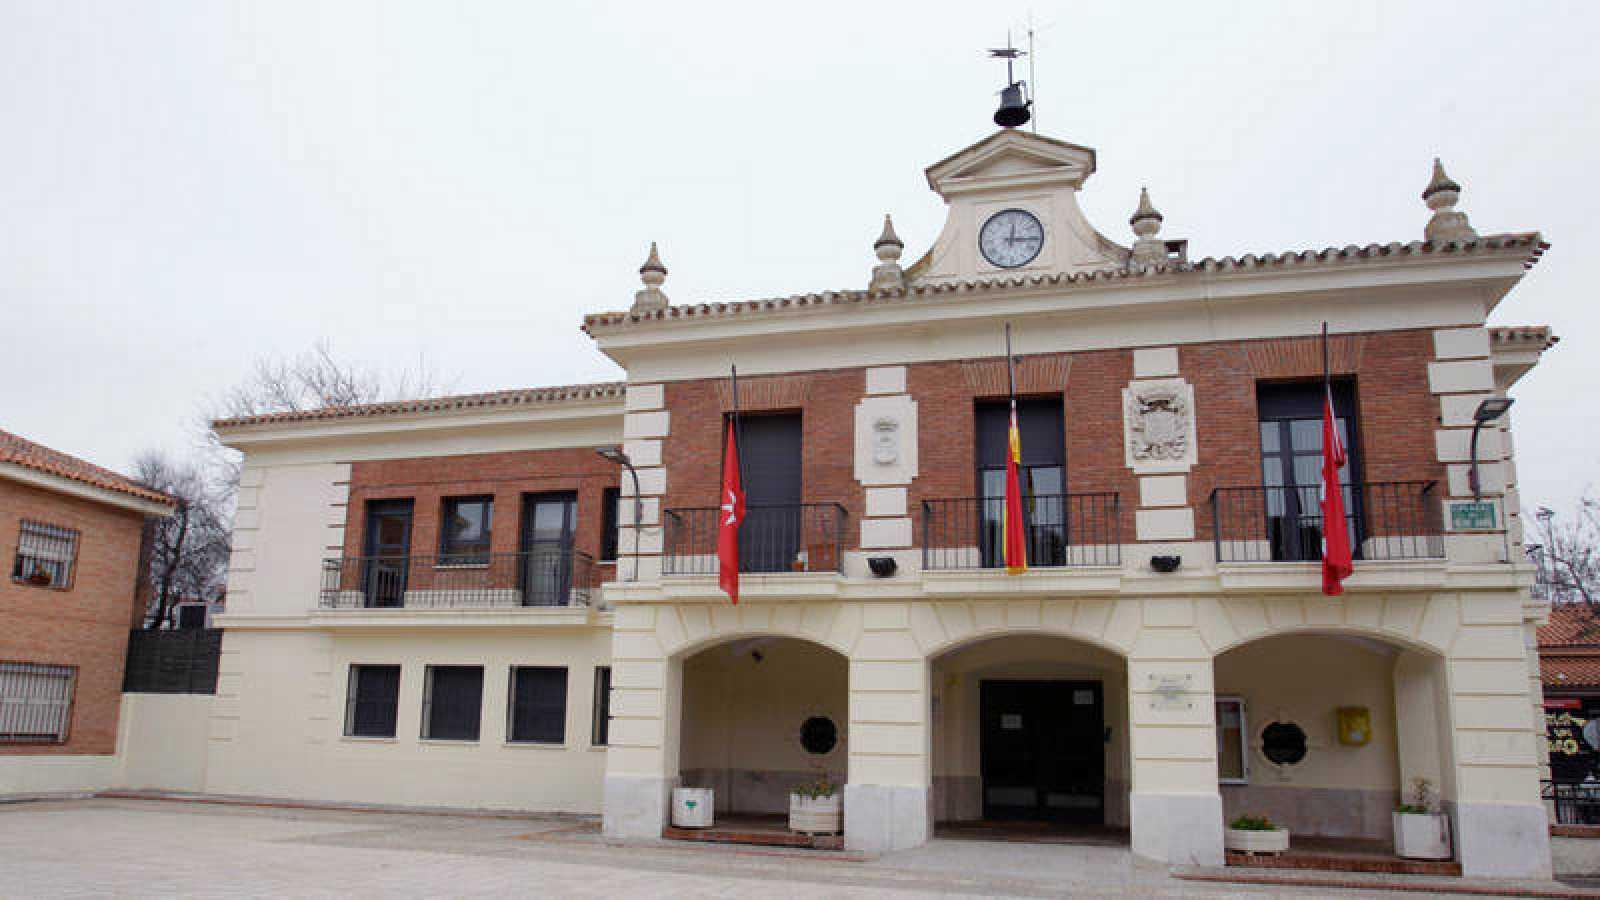 Fachada del Ayuntamiento de Rivas, en una imagen de enero de 2017